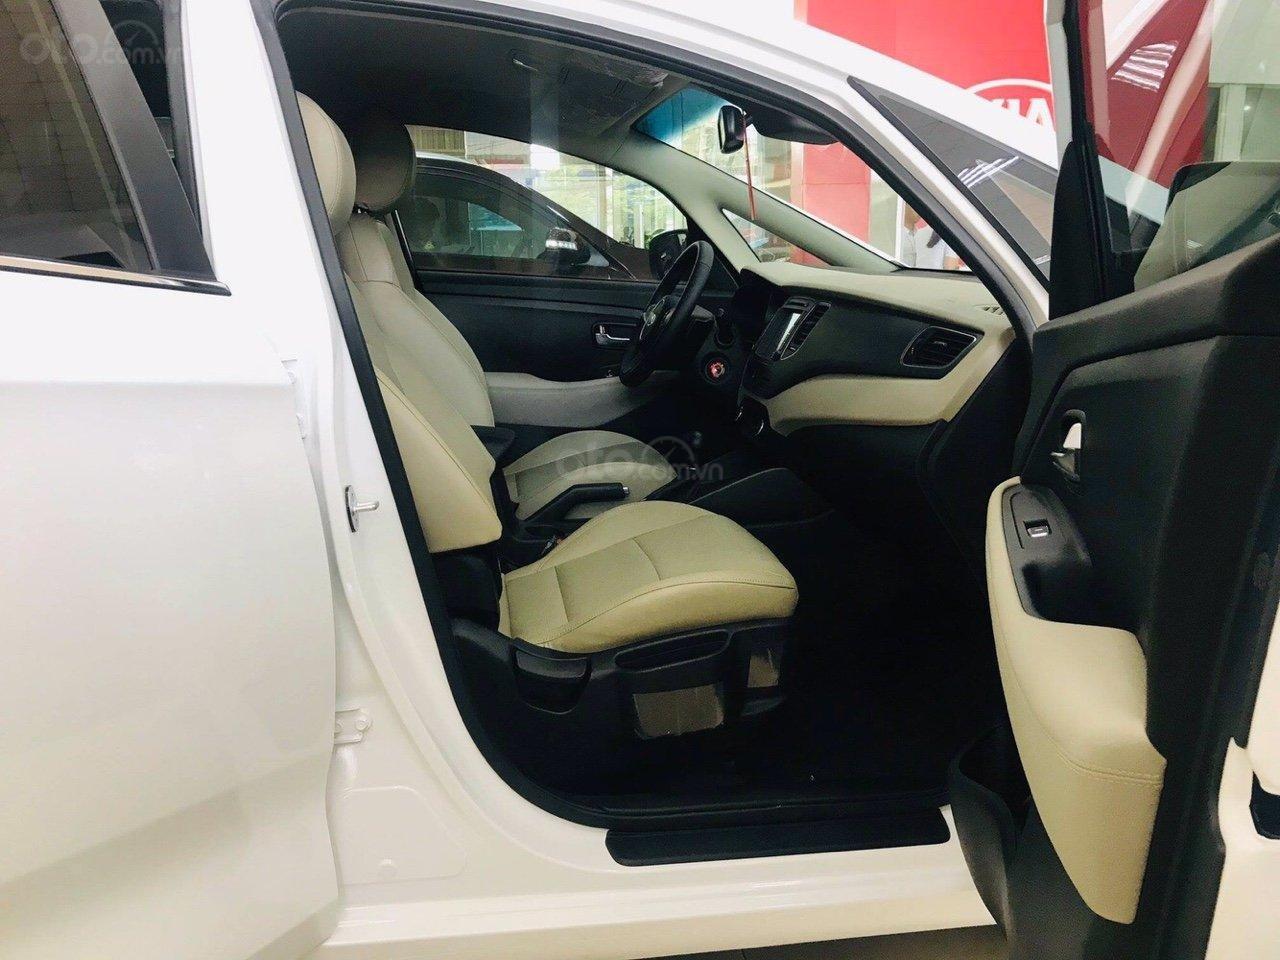 [Kia Bình Triệu] Kia Rondo 2019, ưu đãi khủng, chỉ với 180tr trả trước có ngay 1 chiếc xe 7 chỗ Kia Rondo-3